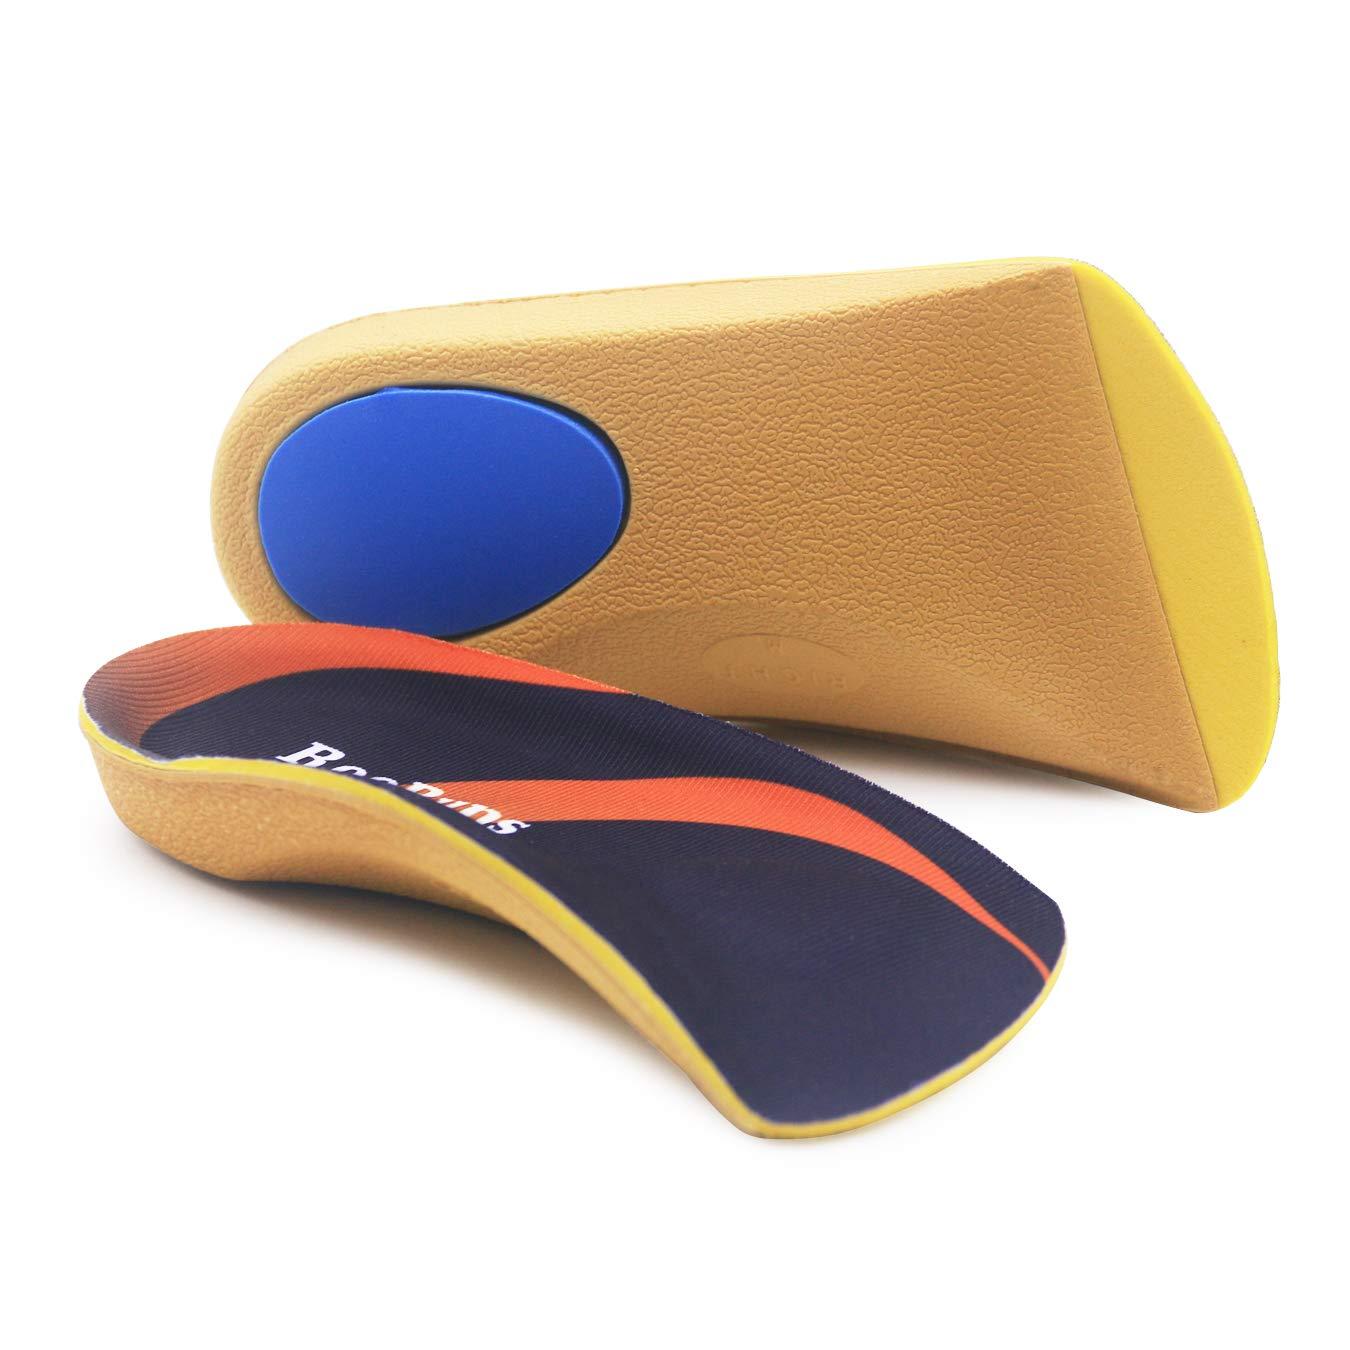 RooRuns Plantillas Ortopédicas, Plantillas Zapatos con Soporte de Arco Alto 3/4 Inserciones de Calzado para Pies Planos, Fascitis Plantar, Arco del Pie - Talón Acolchado para Hombre, Muj